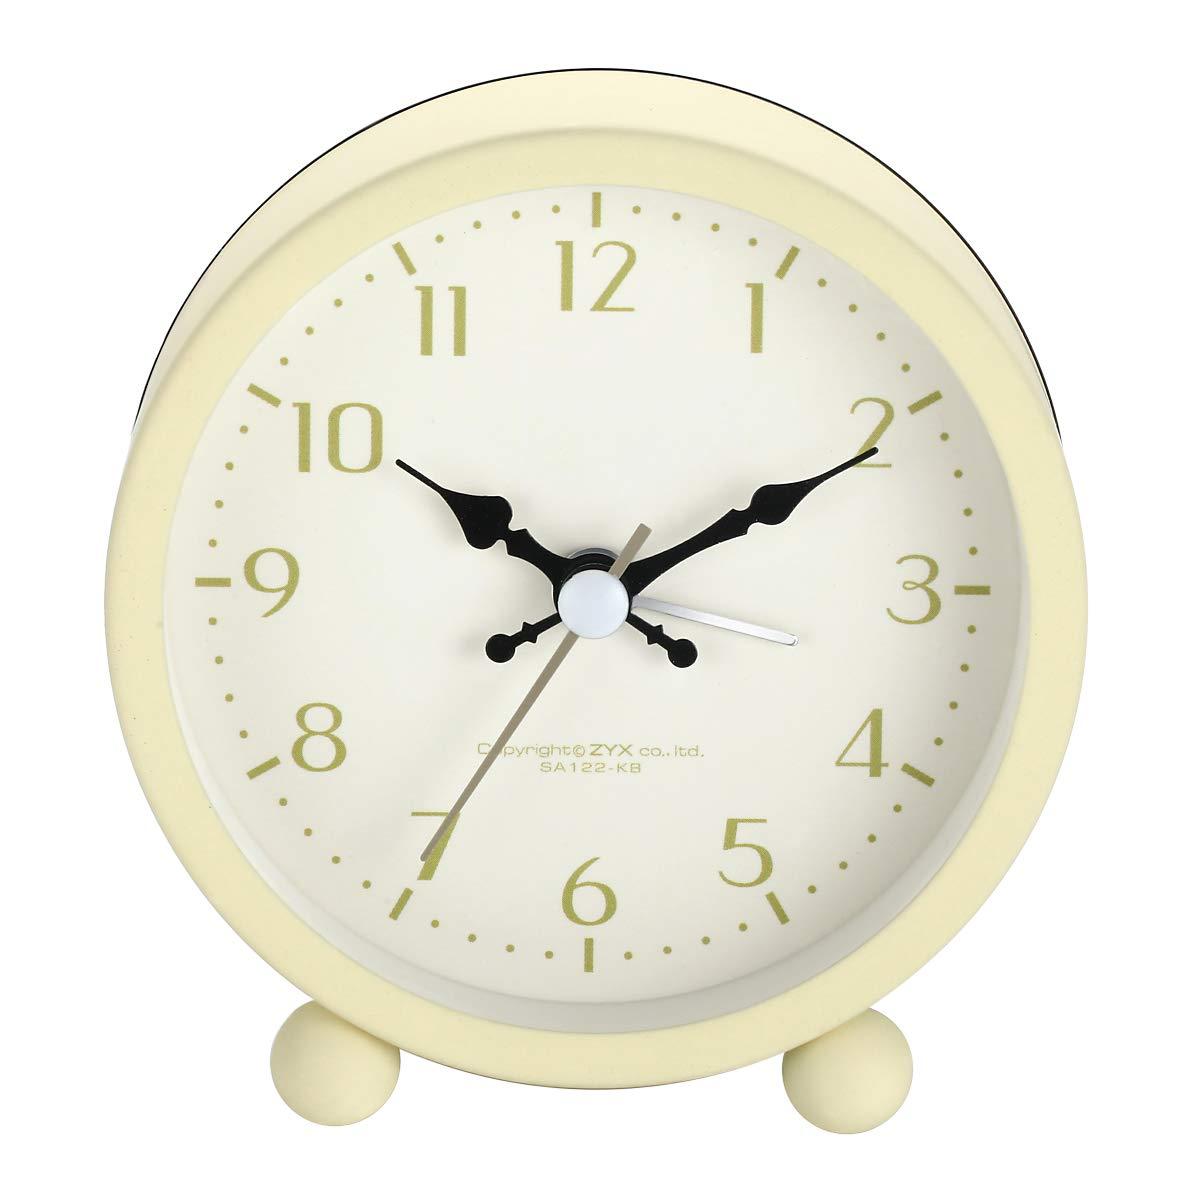 Rose PINGHE R/éveil R/éveil pour Enfants R/éveil de Bureau R/éveil Classique R/éveil Silencieux R/éveil Simple